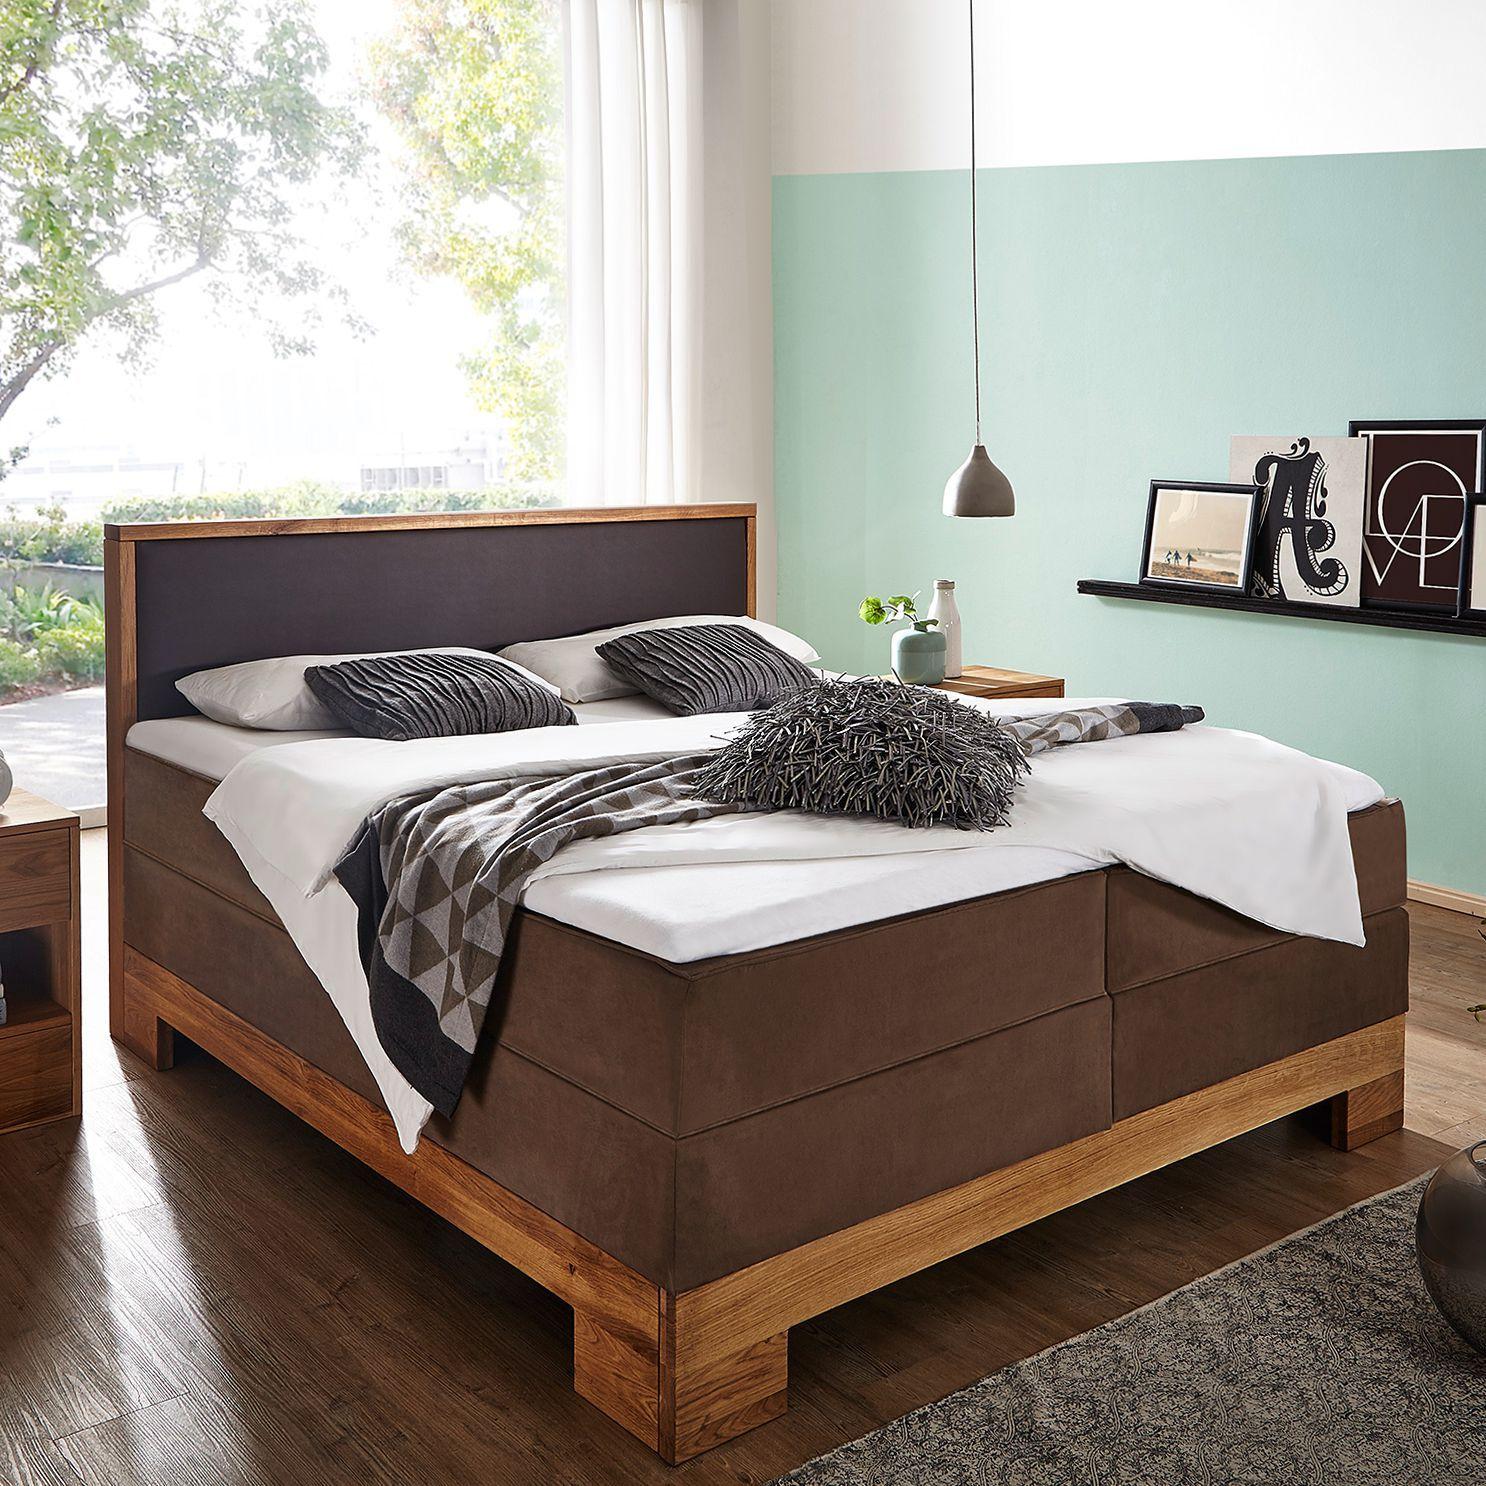 Full Size of Bett 200x200 Weiß Betten Frankfurt Kleines Regal Bambus 160 Weißes Jabo Bettwäsche Sprüche Ruf Schlafzimmer 180x200 Französische Mit Schubladen 90x200 Bett Bett 200x200 Weiß